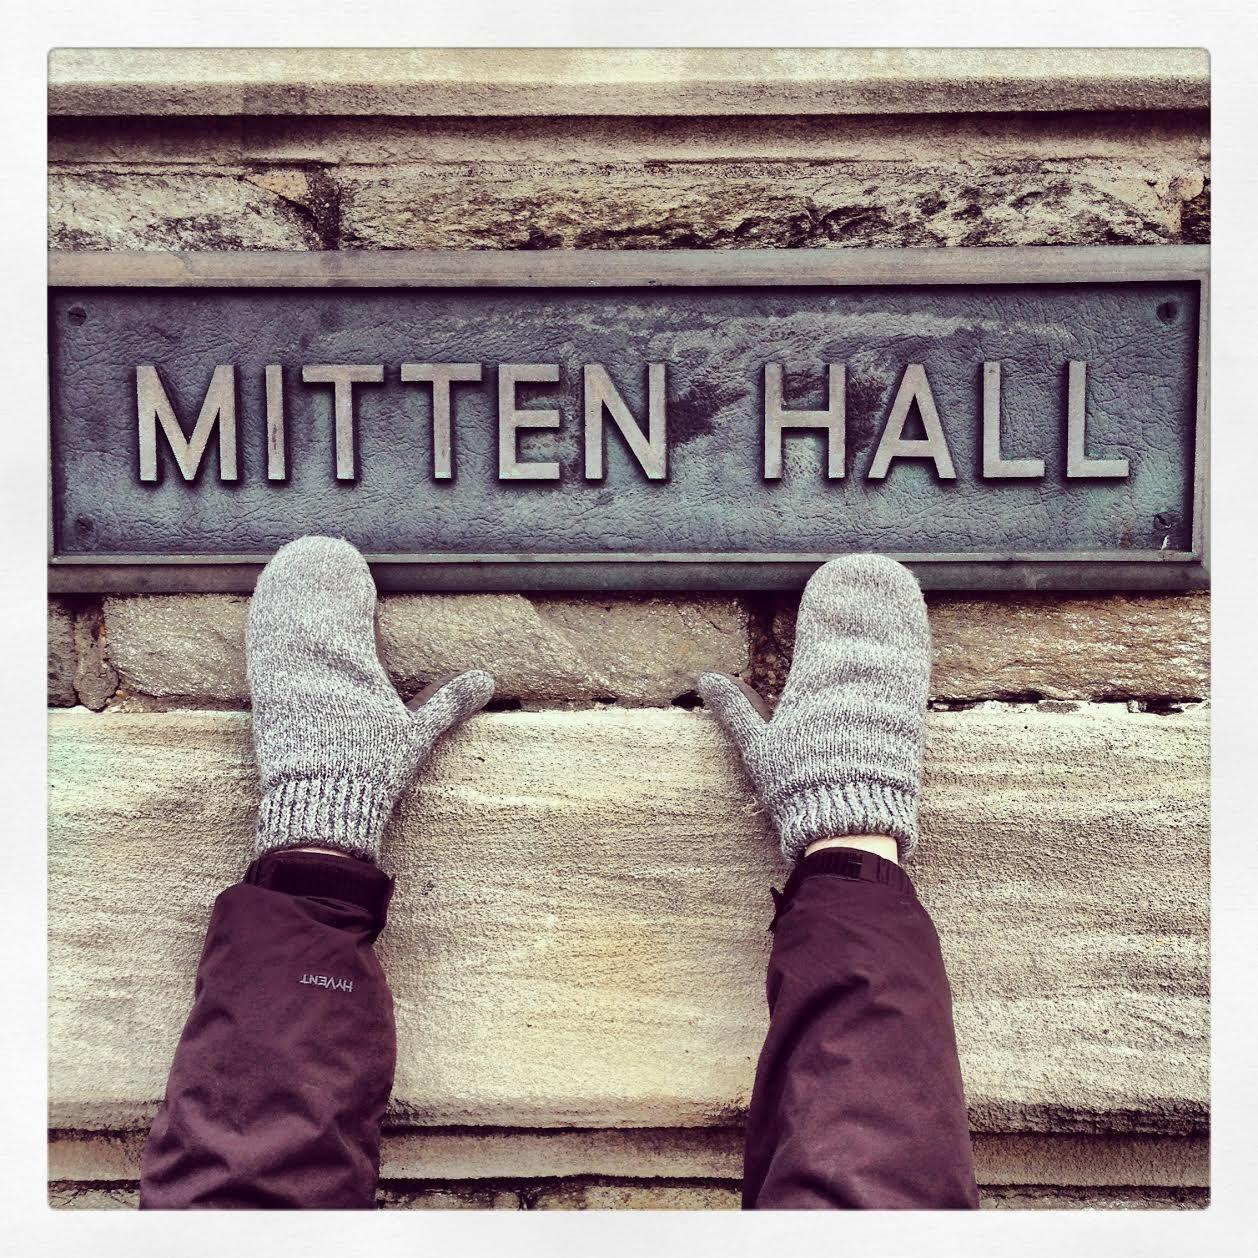 Mitten Hall Temple University